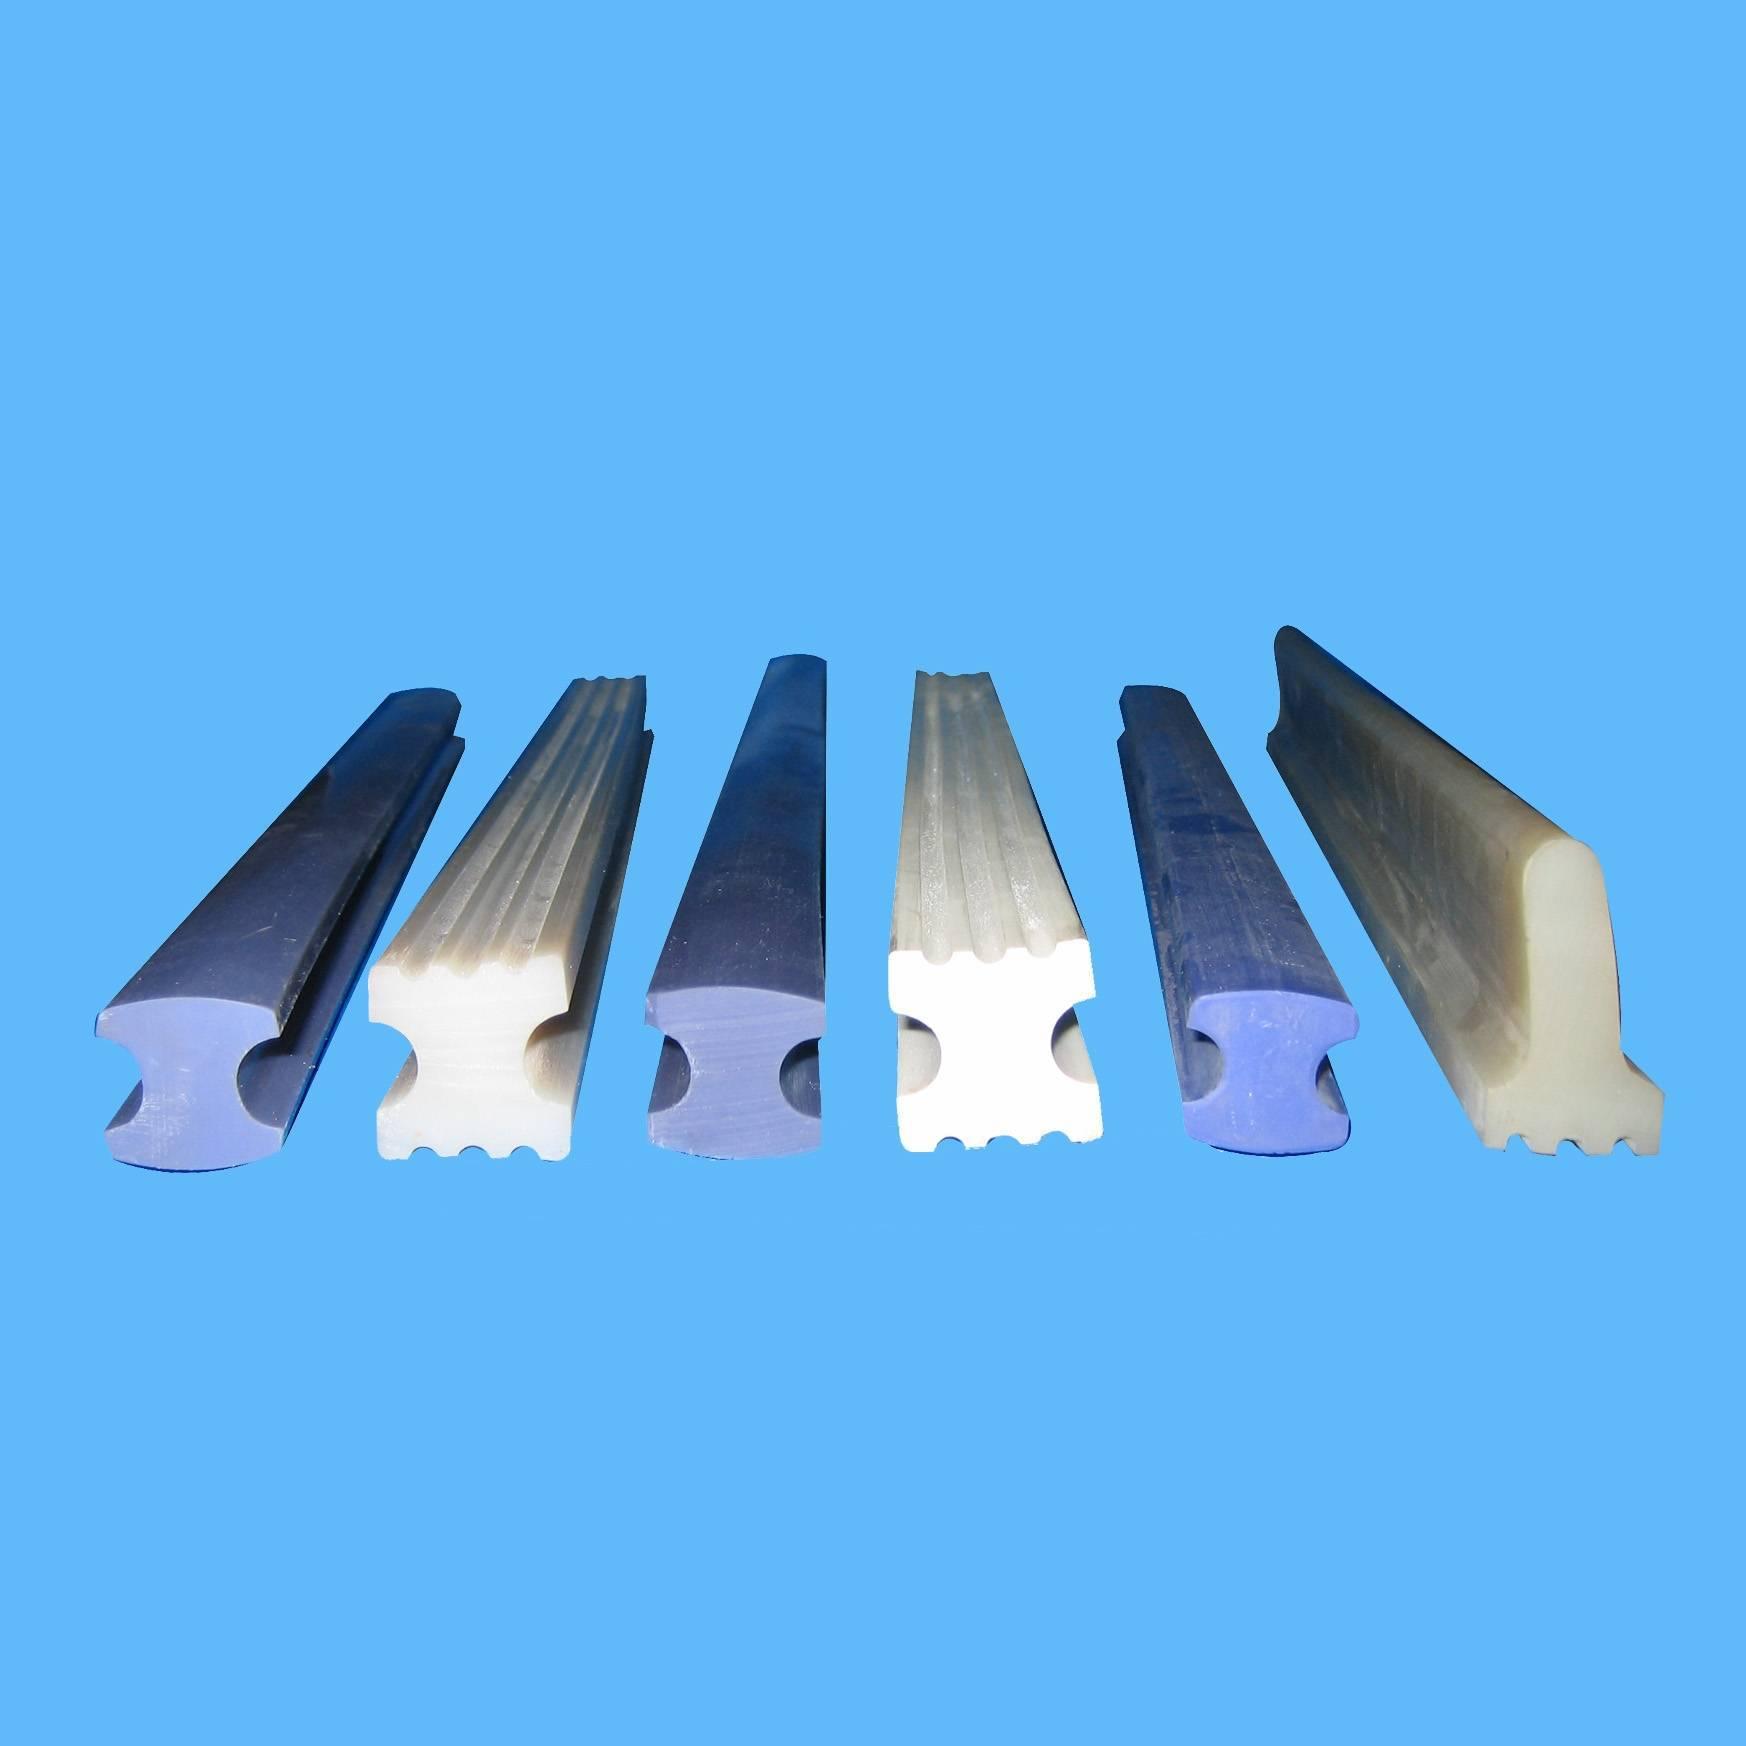 工业硅胶发泡异形条门窗机械耐高温密封条示例图3